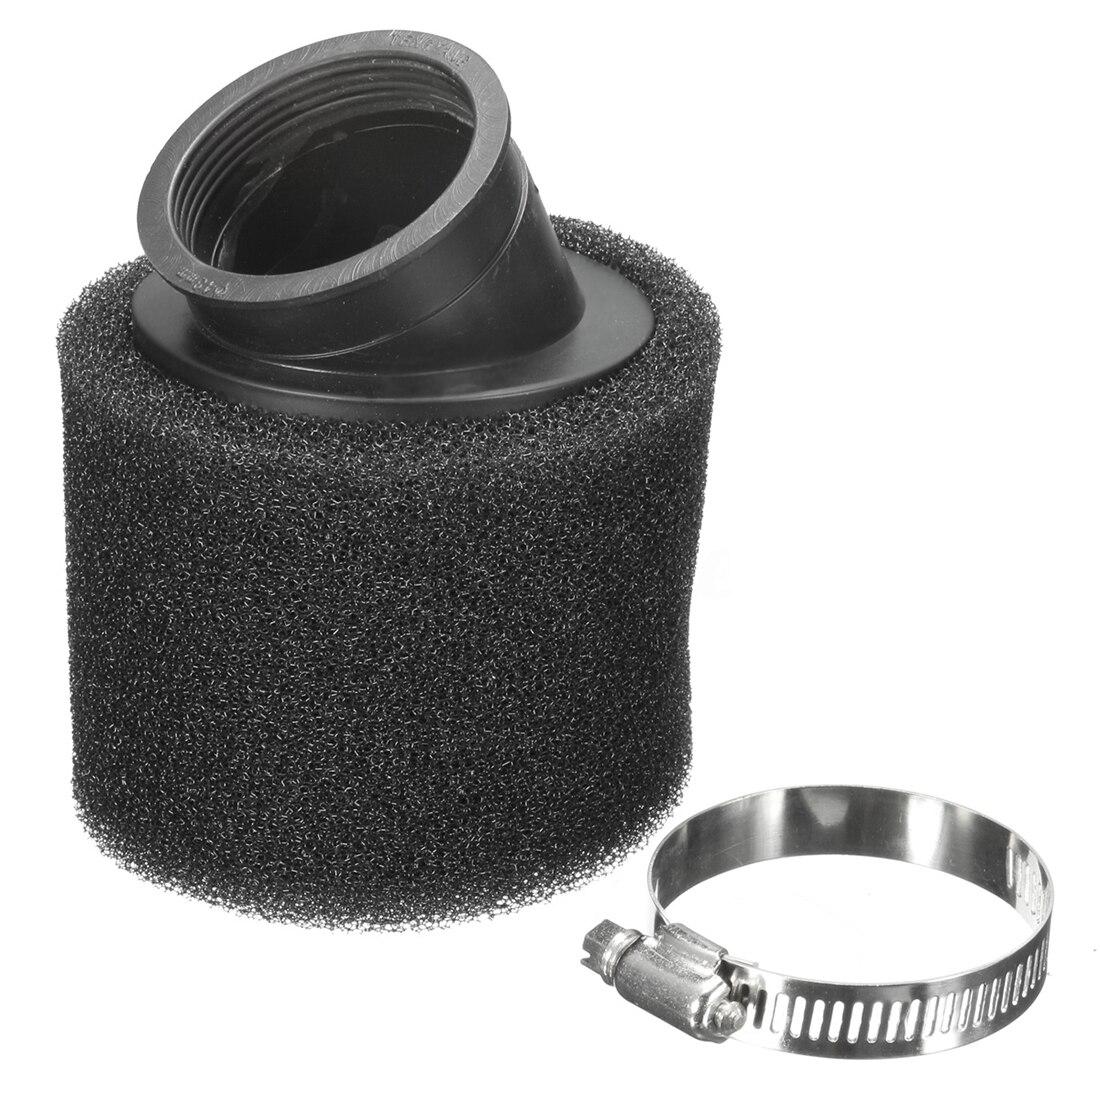 48mm UNIVERSEL Mousse INDUCTION D'ADMISSION Filtre À Air kit de Nettoyage noir Moto